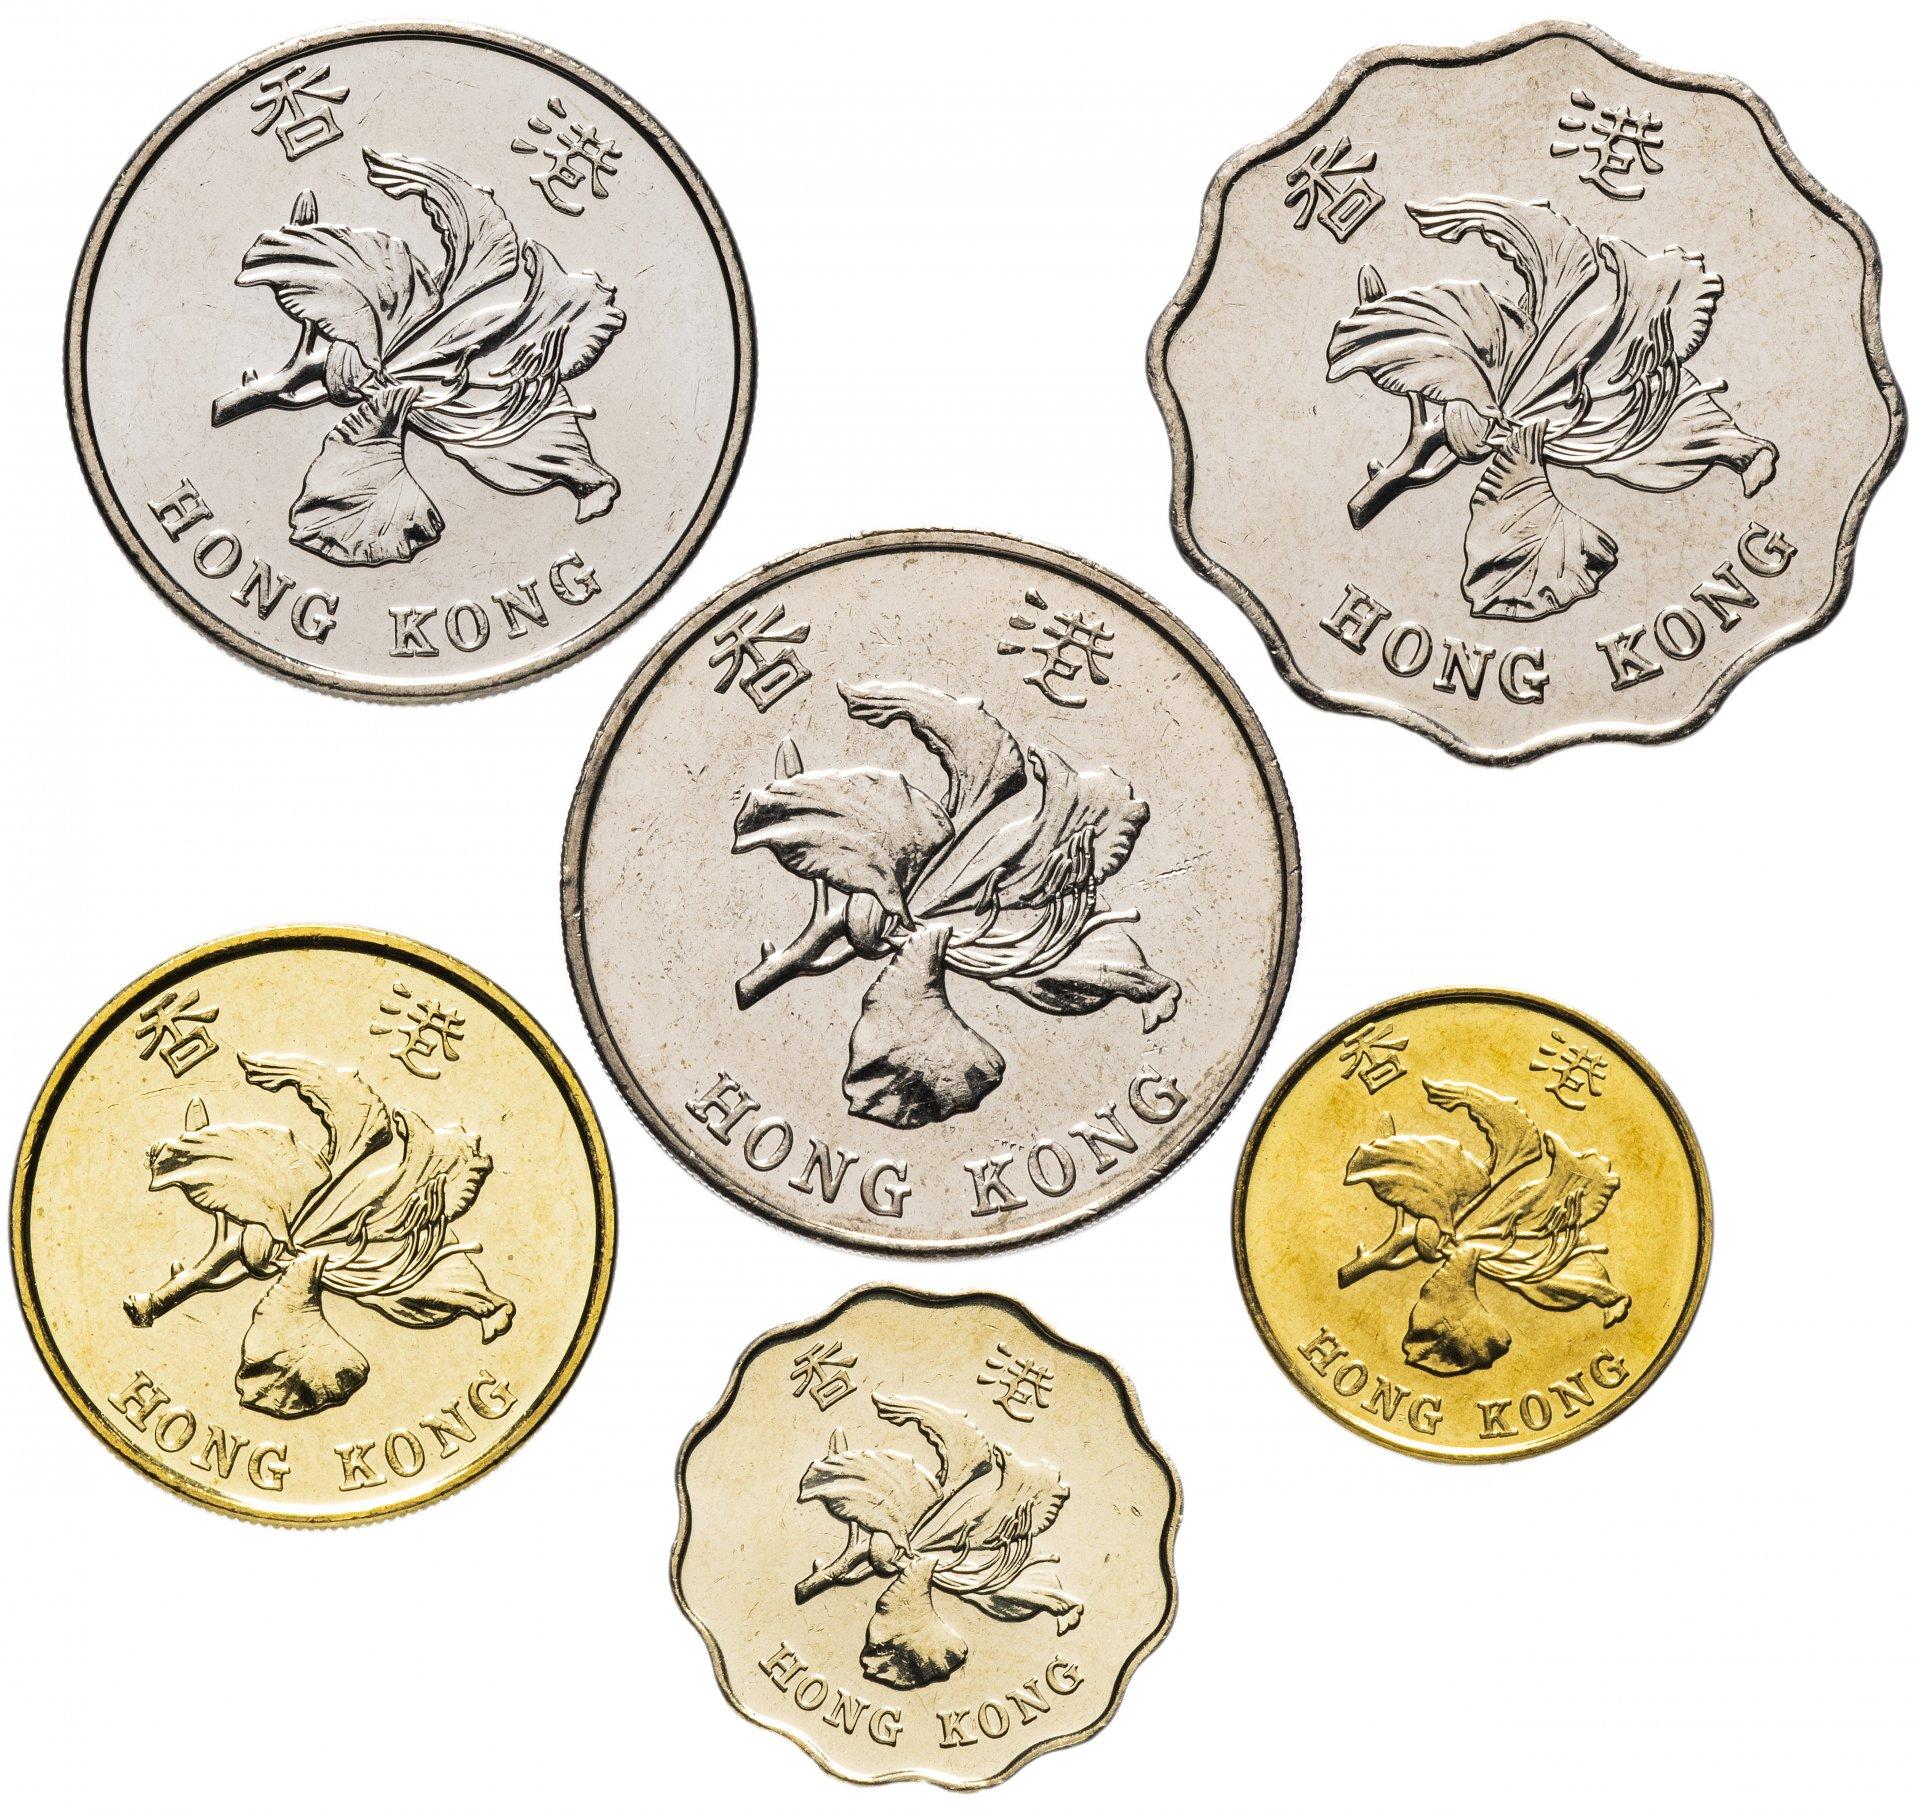 монеты гонконга картинки человек впервые